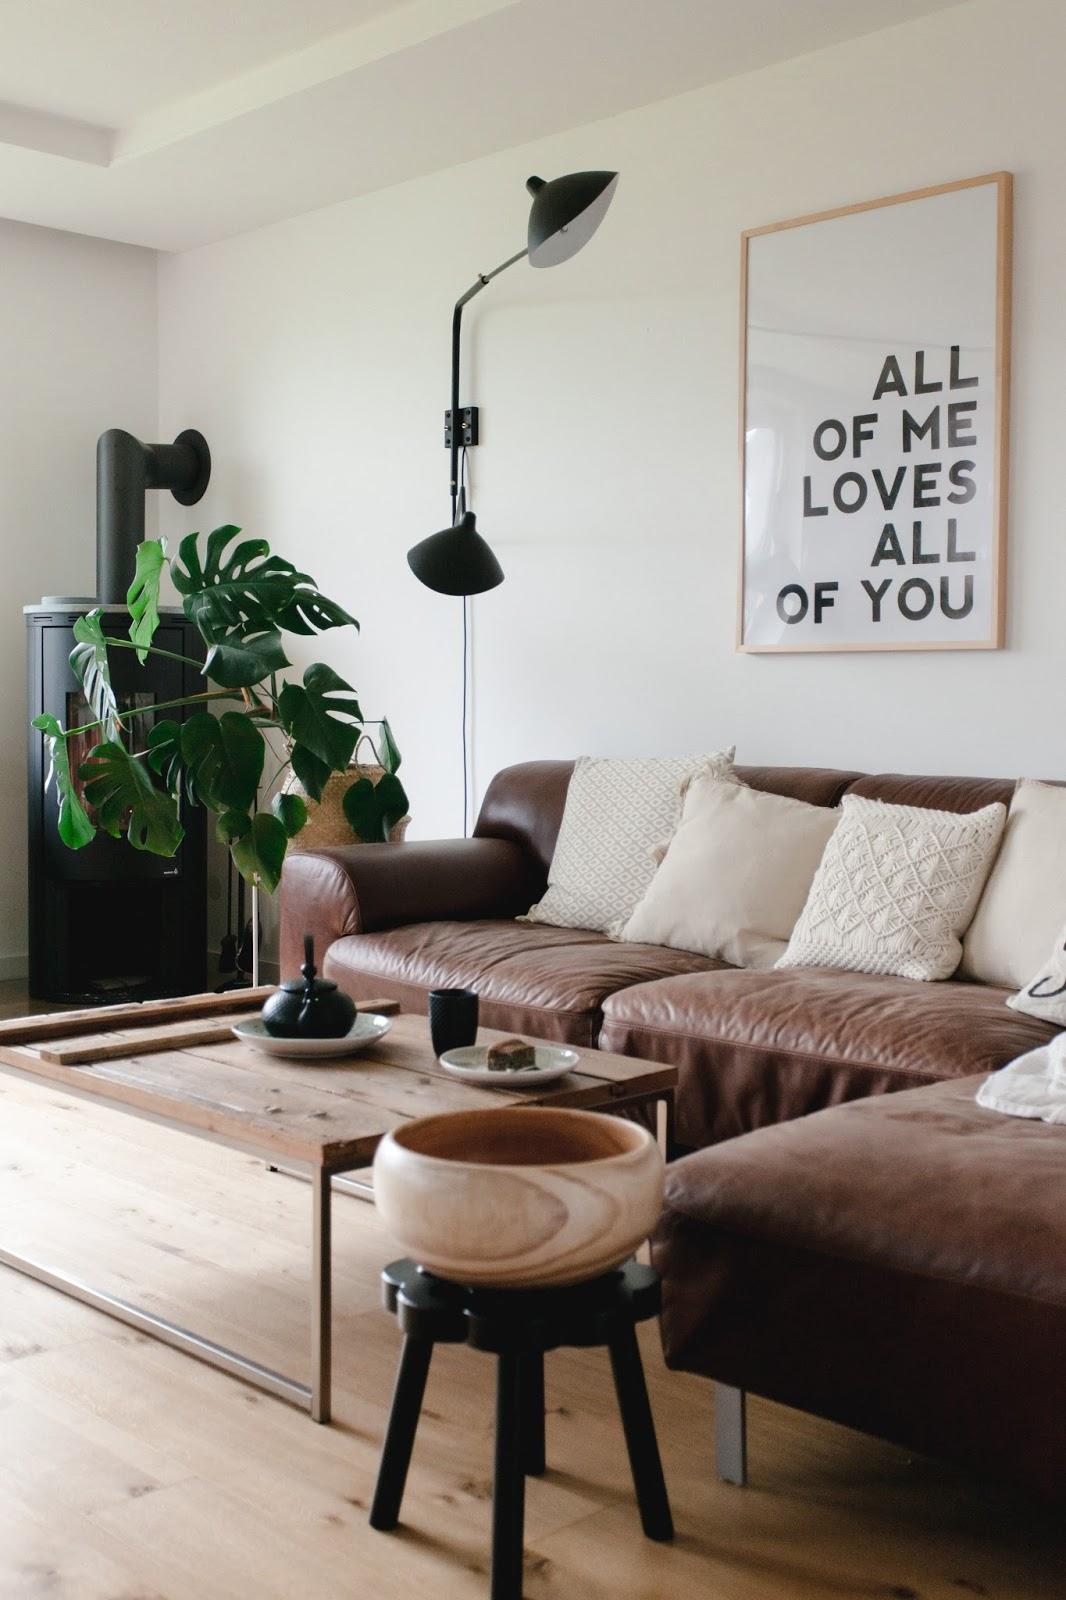 Mein wohnzimmer blog – Neues Weltdesign 2018